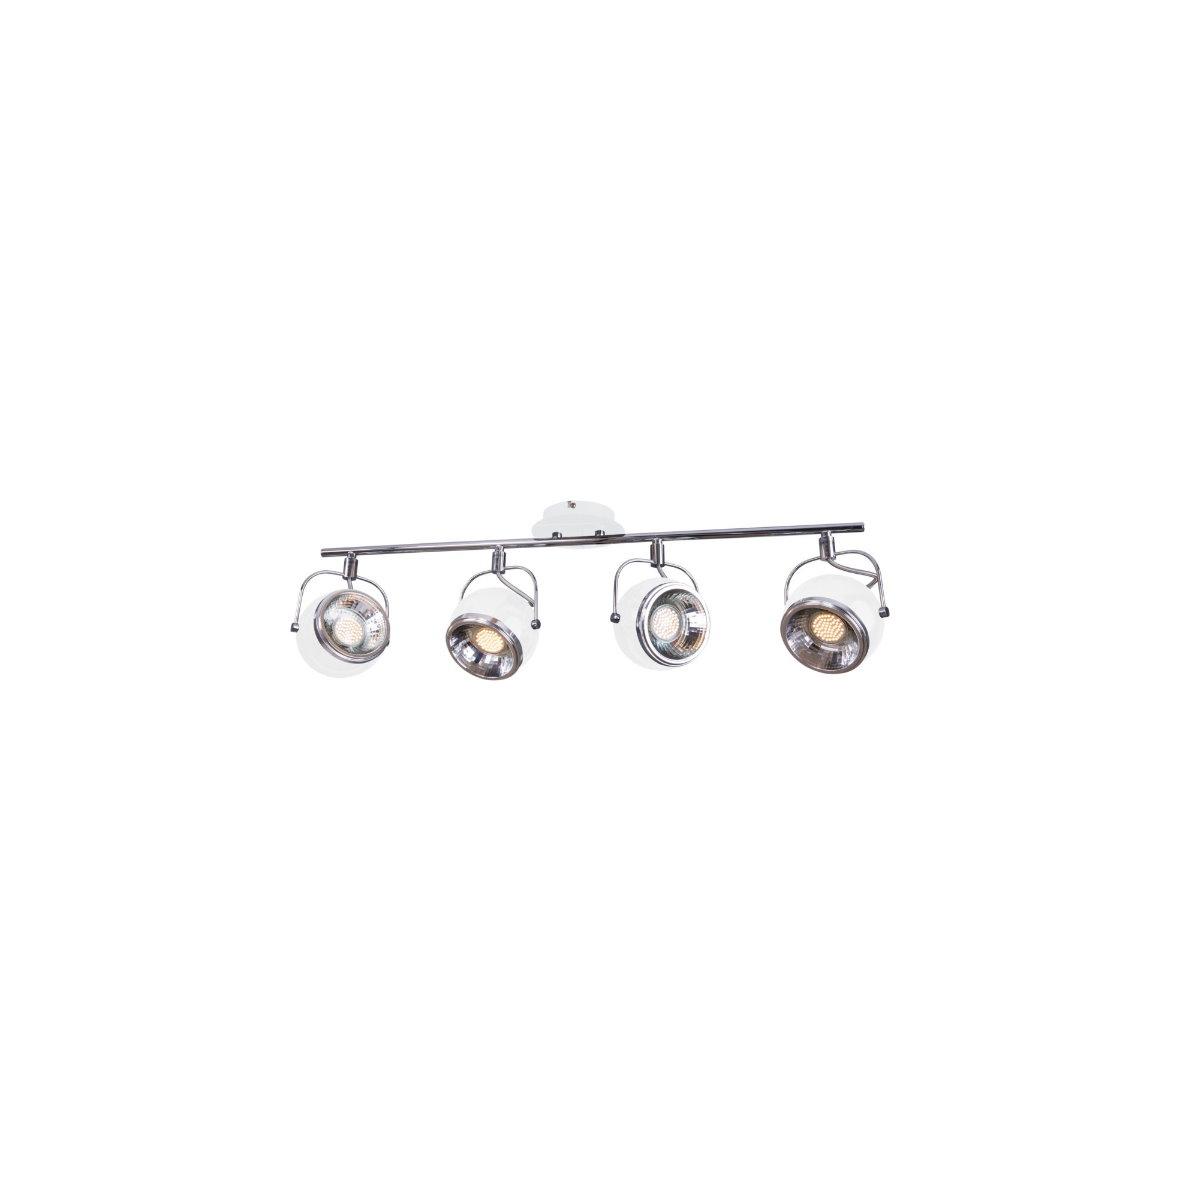 Strahler GU10 Spot Leuchte Lampe Decke Deckenleuchte Tisch ...